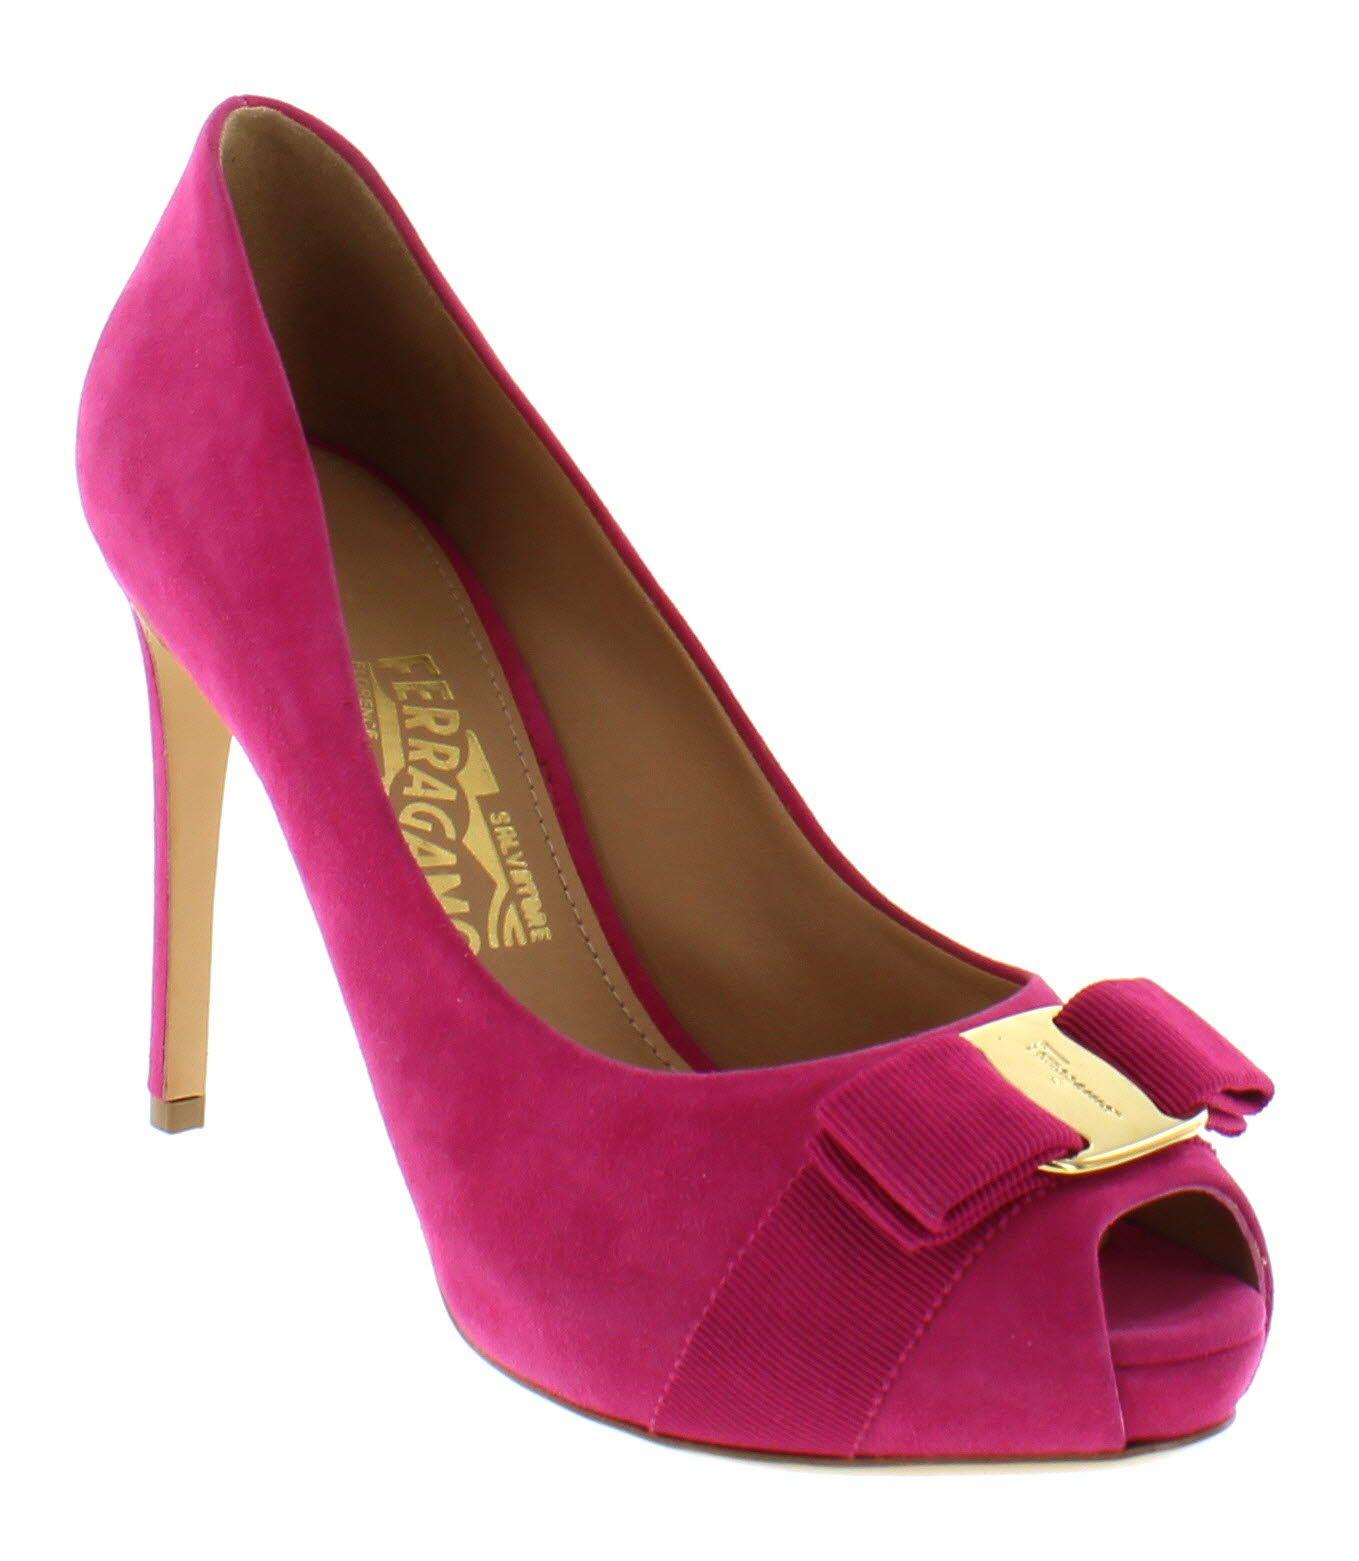 44d87213d28c PLUM by Salvatore Ferragamo  shoes  pumps  heels  women